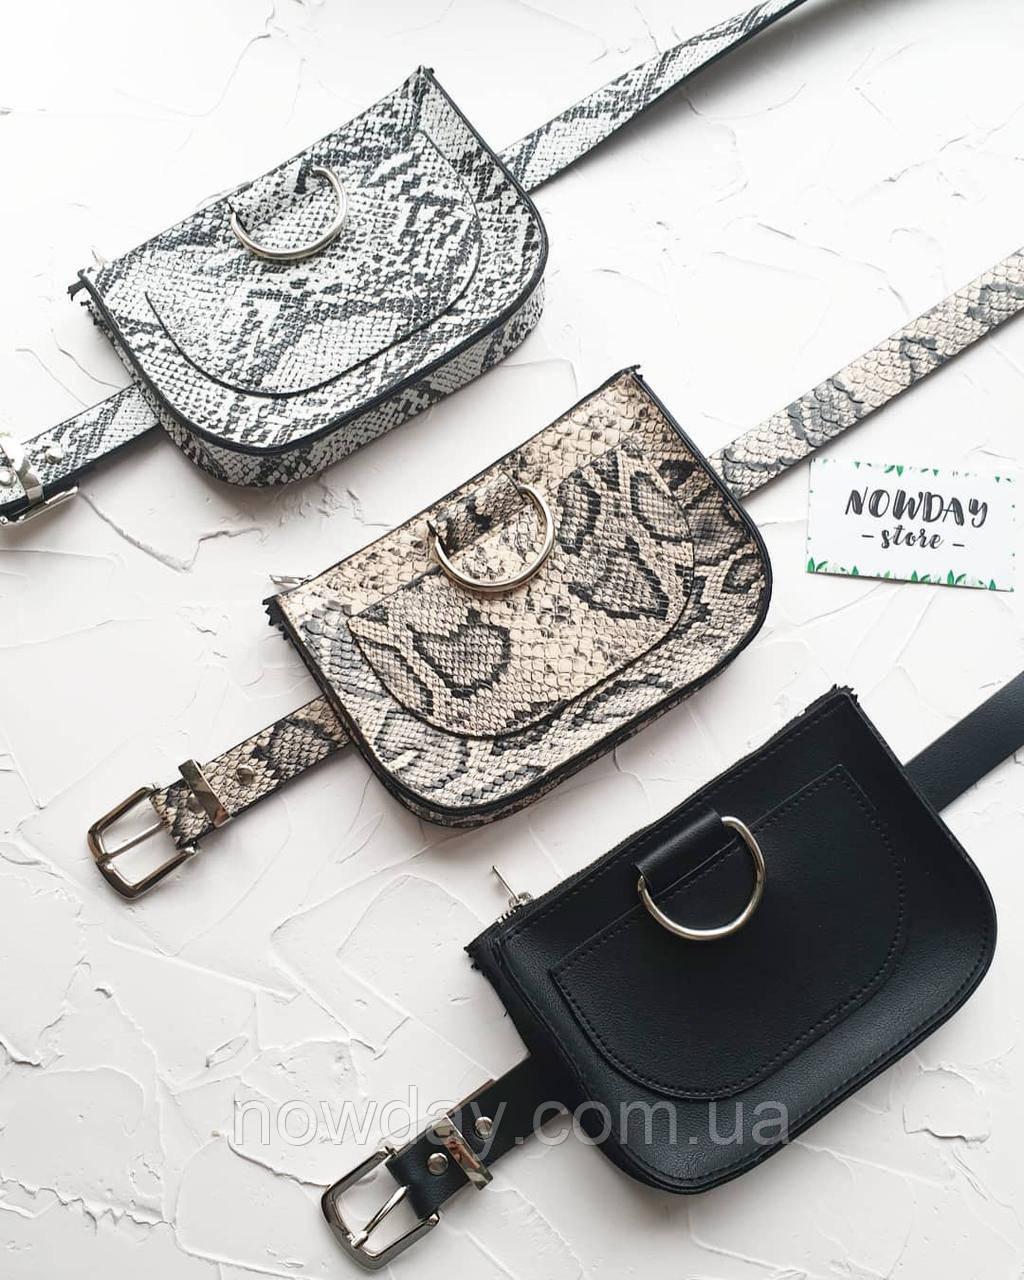 04cb9a031a18 Женская поясная сумка питон черная с поясом Nowday поясна сумка - NOWDAY в  Киеве